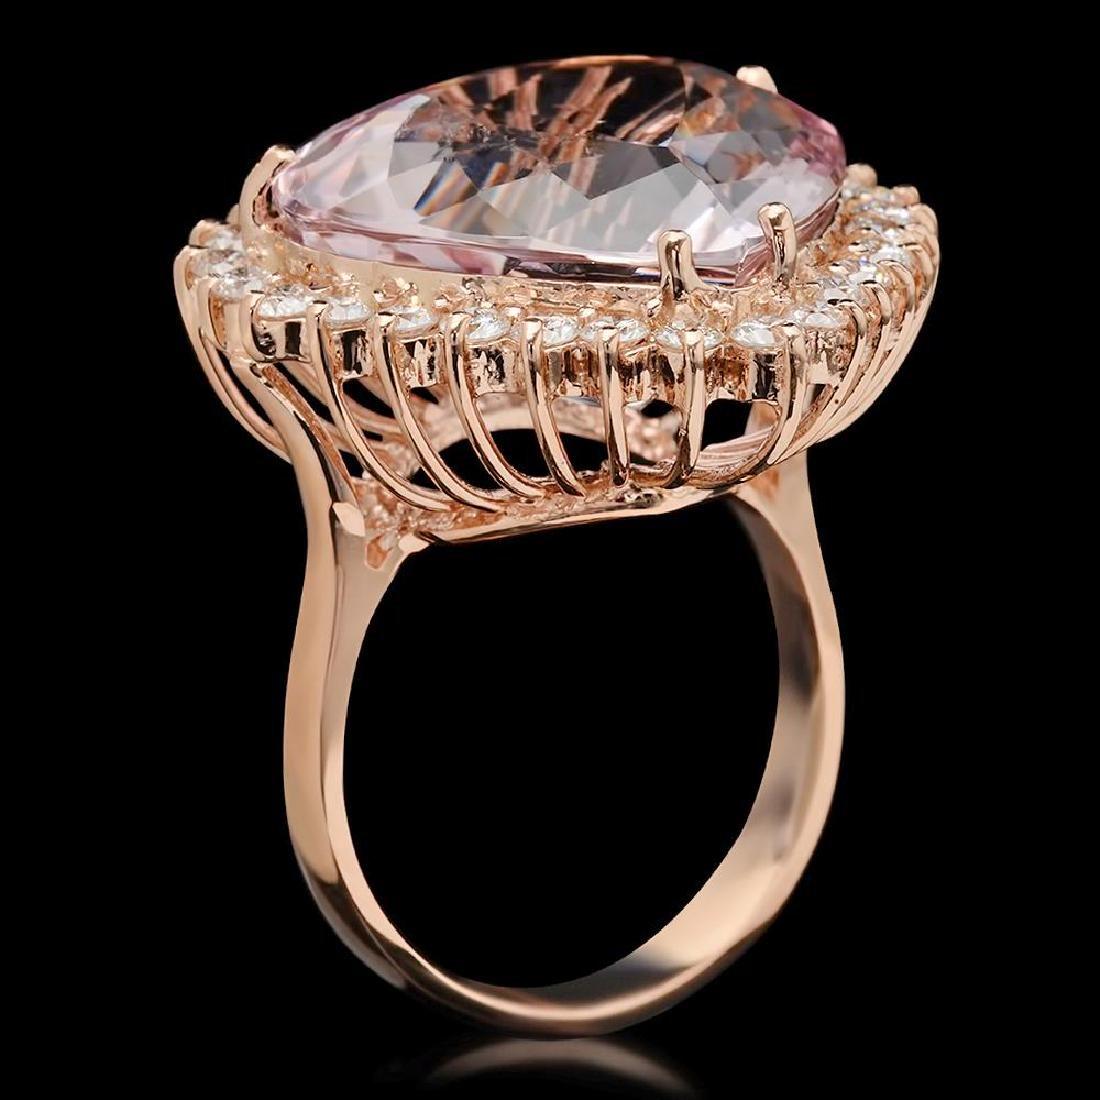 14K Gold 17.17ct Kunzite 1.21ct Diamond Ring - 2